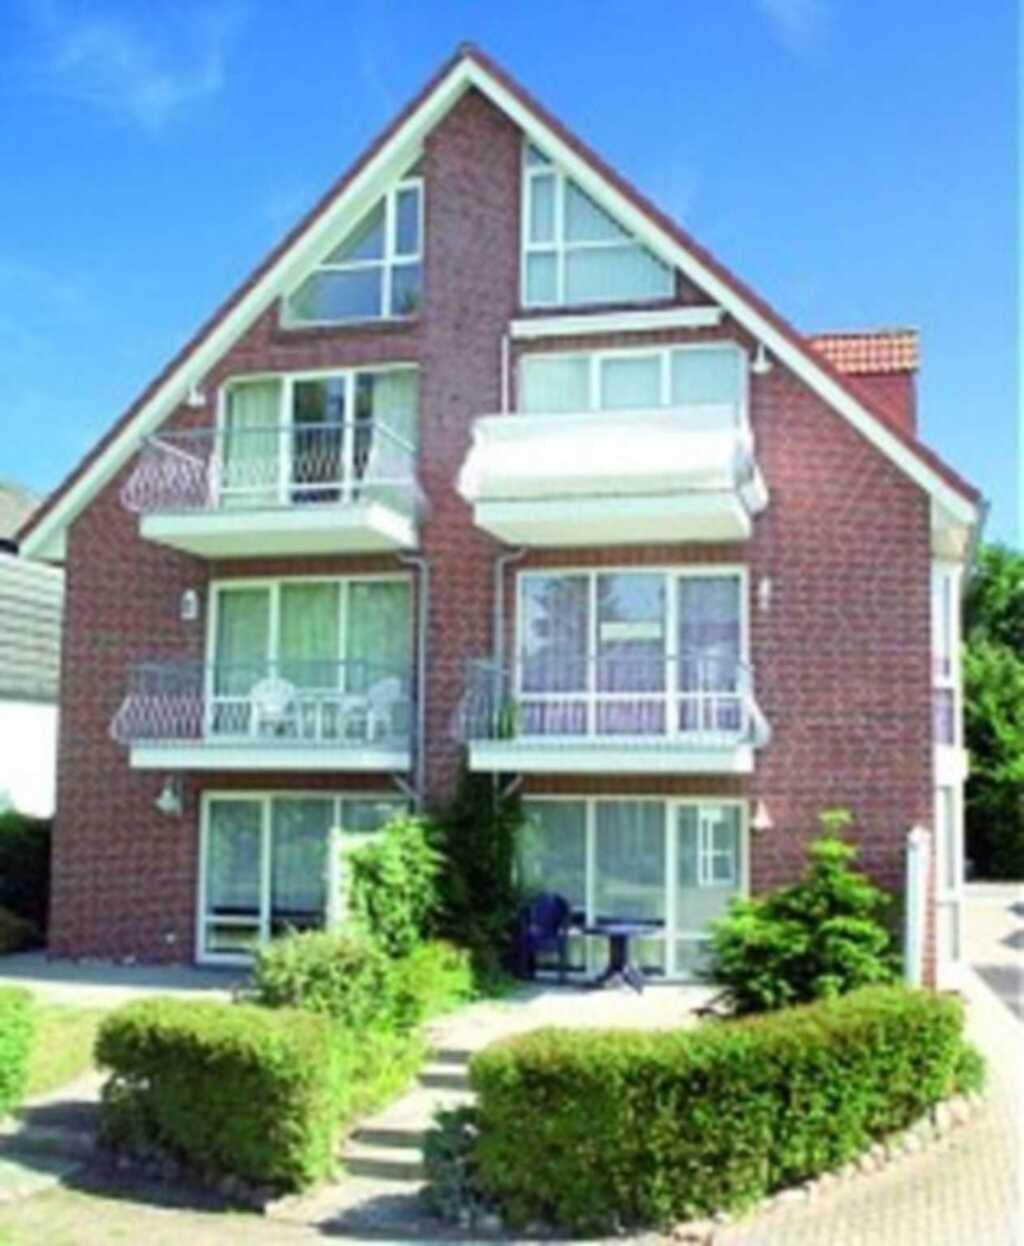 Gorch-Fock-Straße 16, GOFO02, 2 Zimmerwohnung